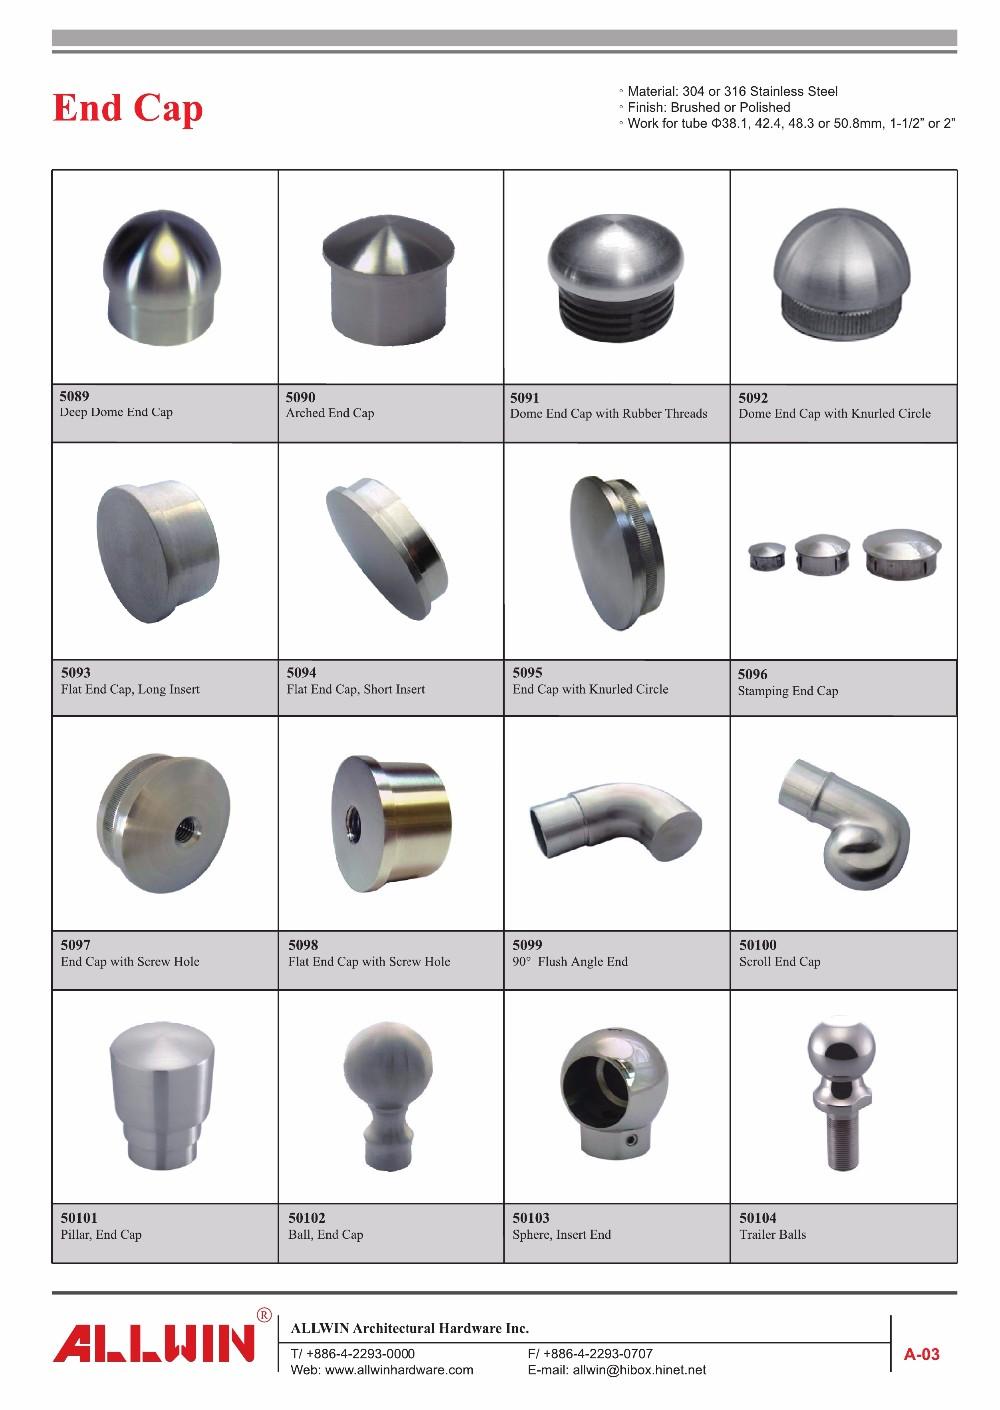 proimages/product/Handrail_Bracket/UT8D9jTXzBaXXagOFbX5.jpg